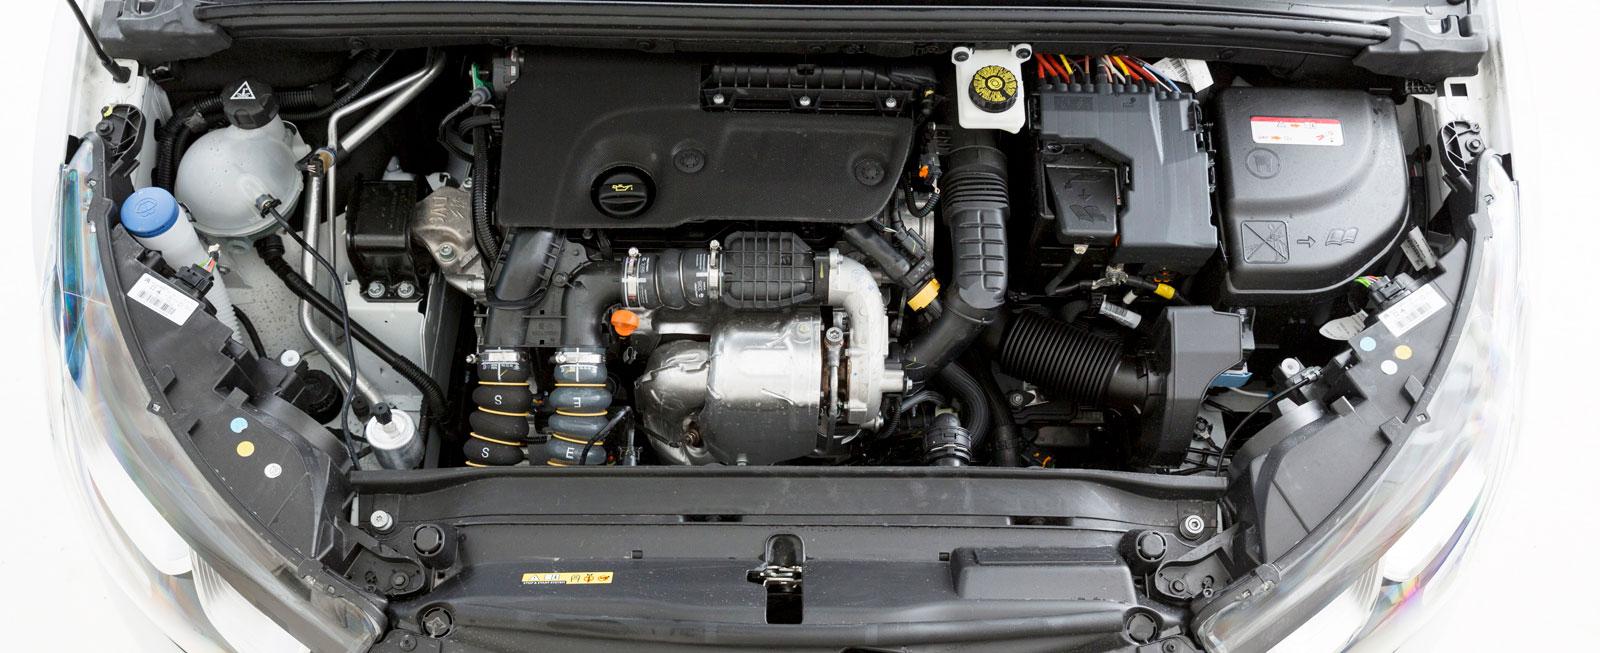 Citroëns diesel arbetar föredömligt mjukt och tyst och är hyfsat snål på dropparna. Automatlådans växlingar sker oftast mjukt och behagligt.